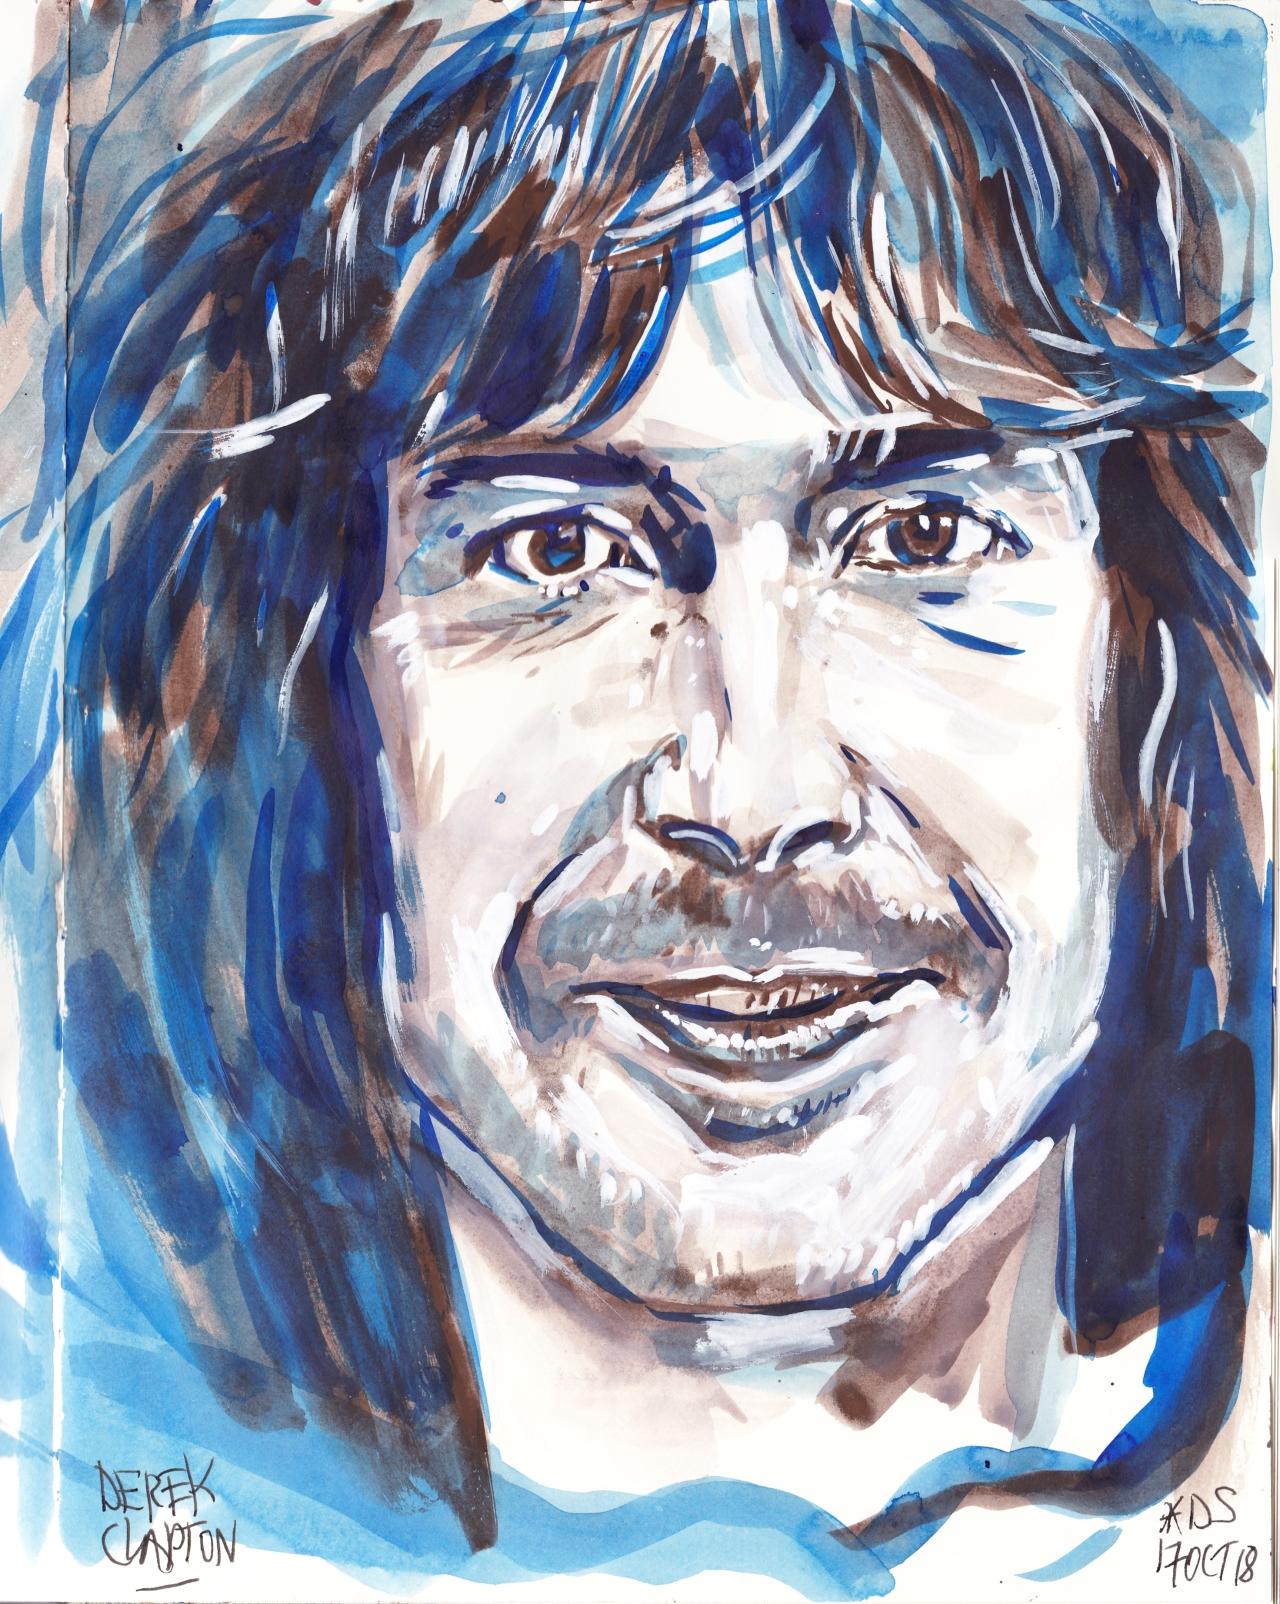 Derek_Clapton